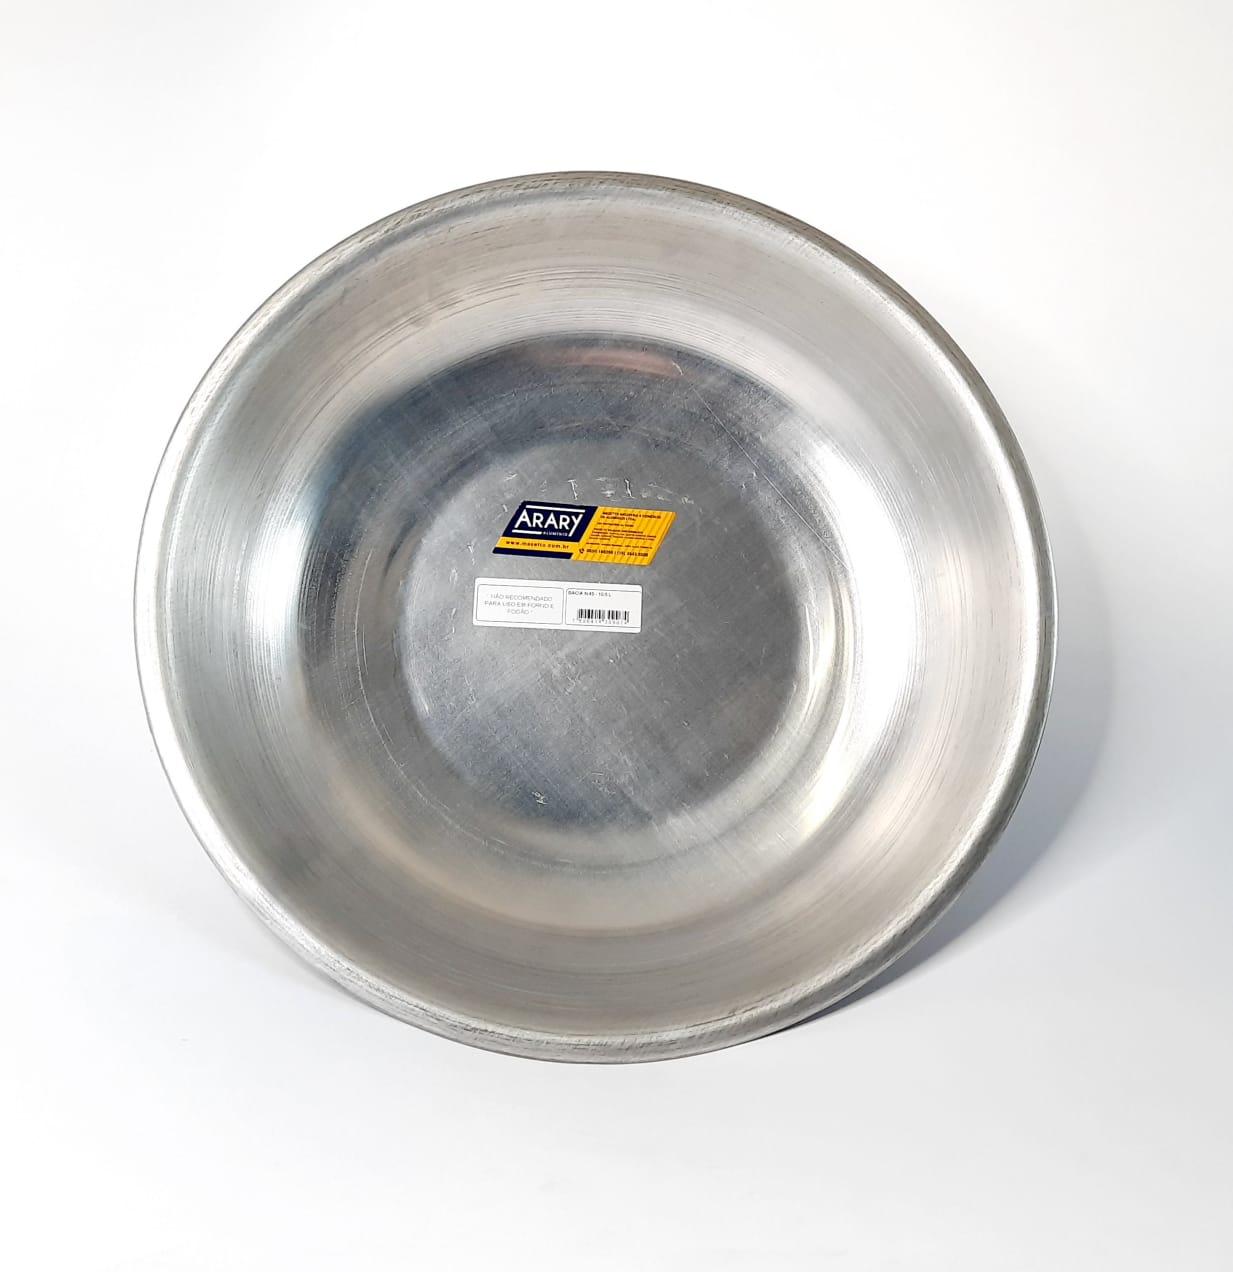 Bacia de Alumínio N 45 Arary